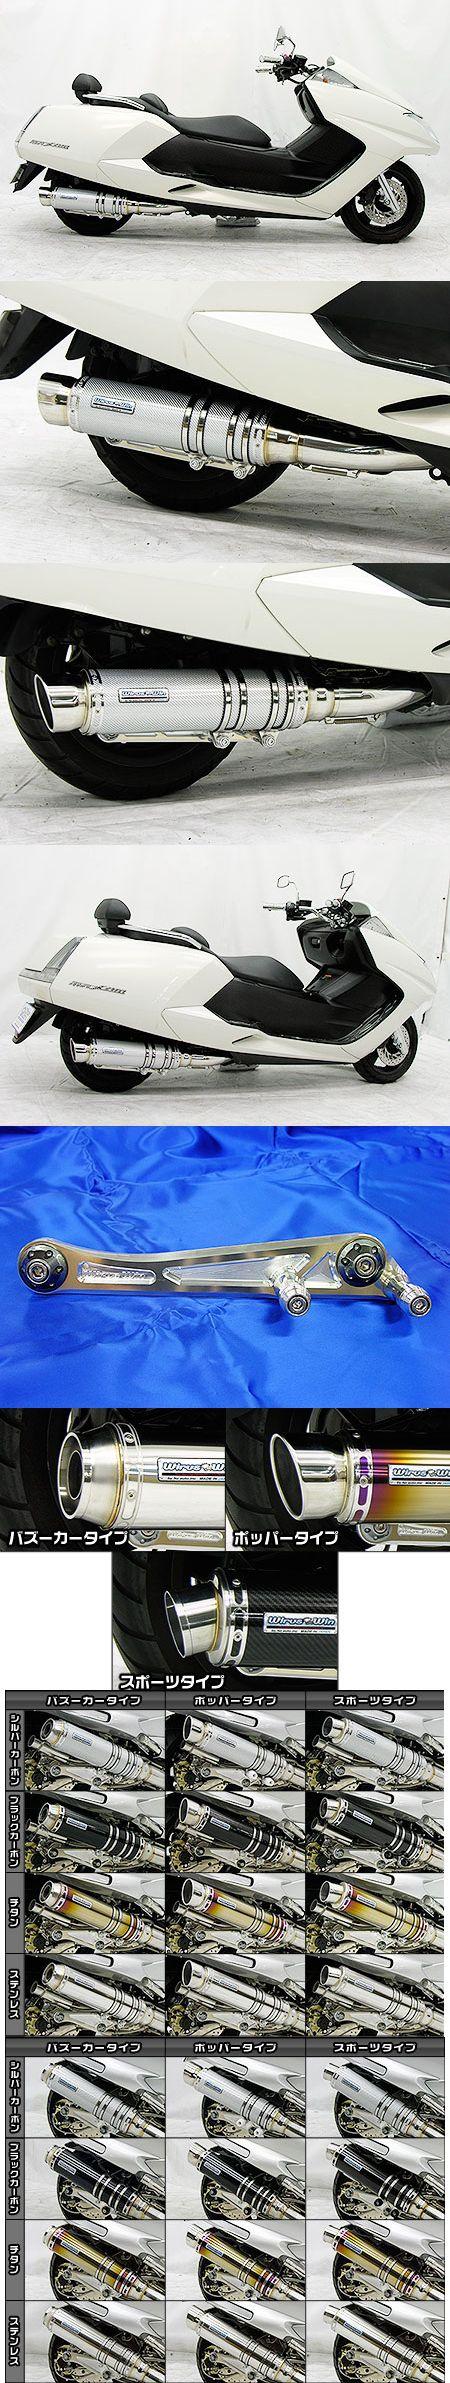 【WirusWin】Ultimate全段排氣管 銀色碳纖維款式 Spotrs型 - 「Webike-摩托百貨」